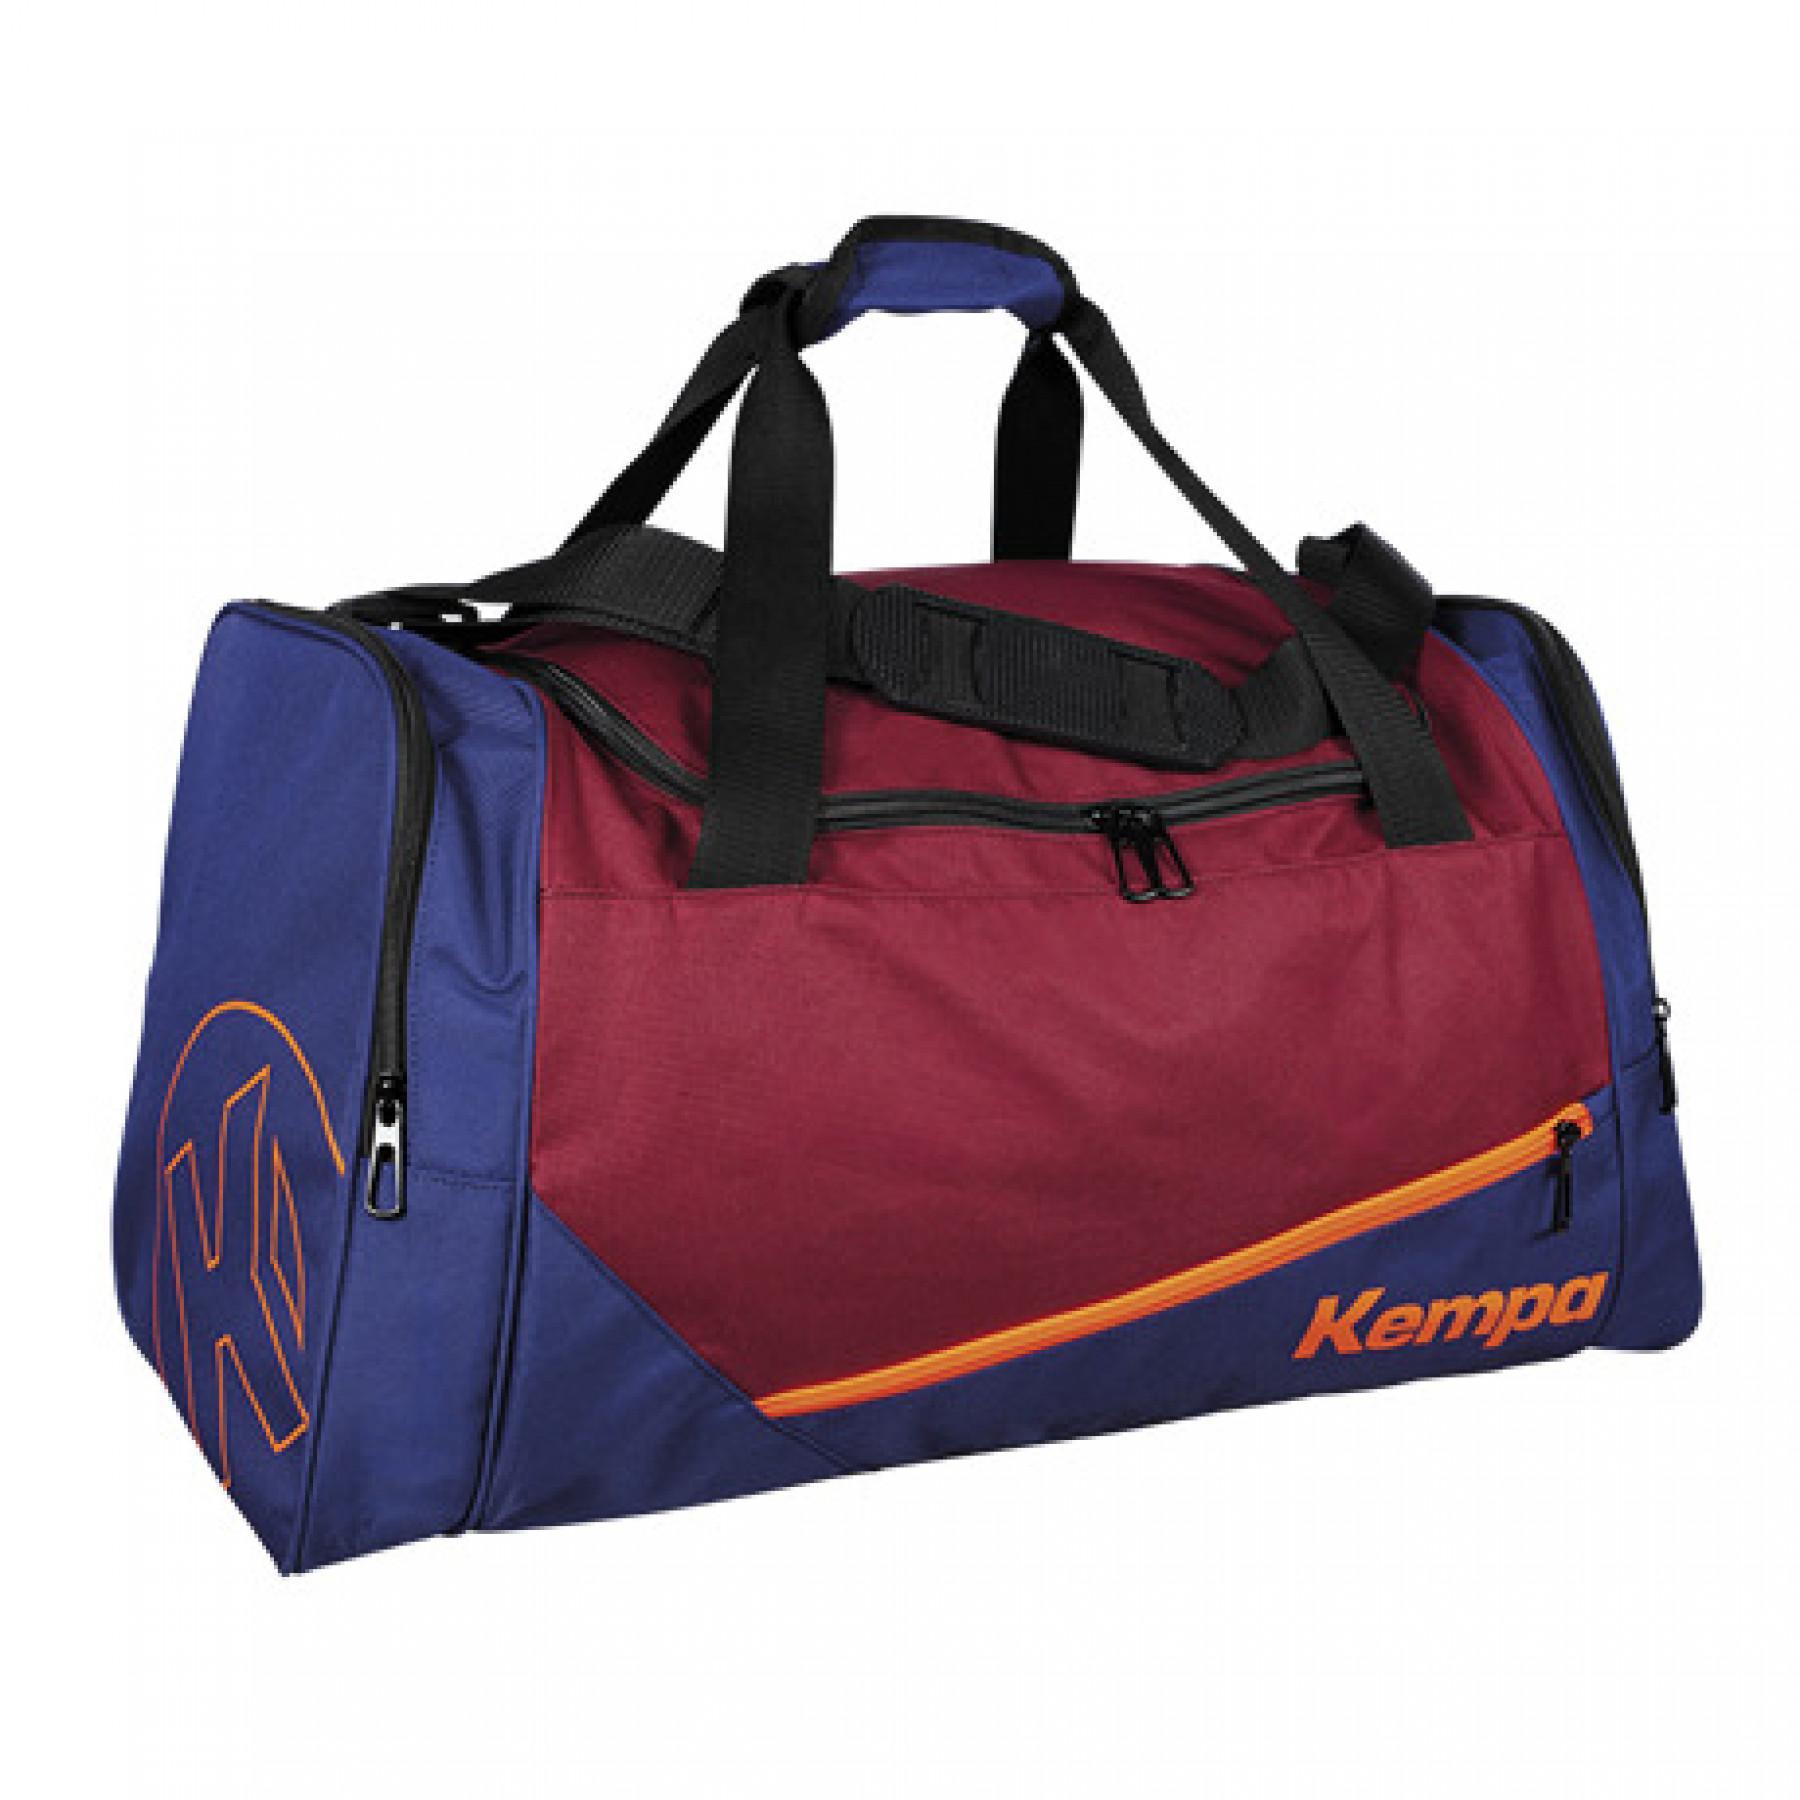 Bag Kempa Sports - S